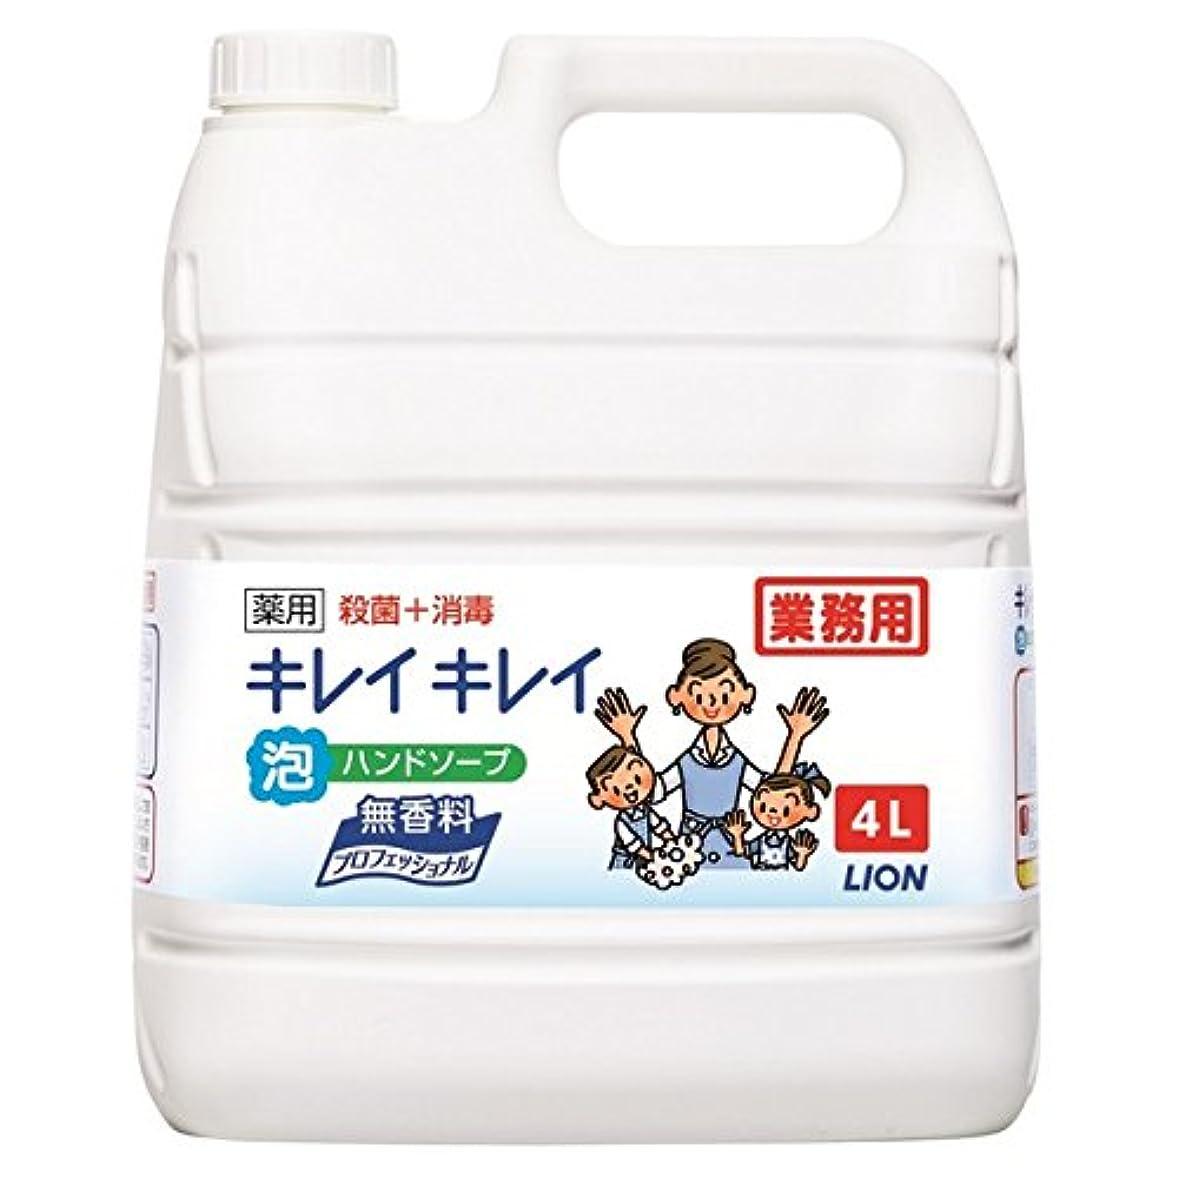 主観的ポーターかろうじてライオン キレイキレイ薬用泡ハンドソープ 無香料 4L×3本入